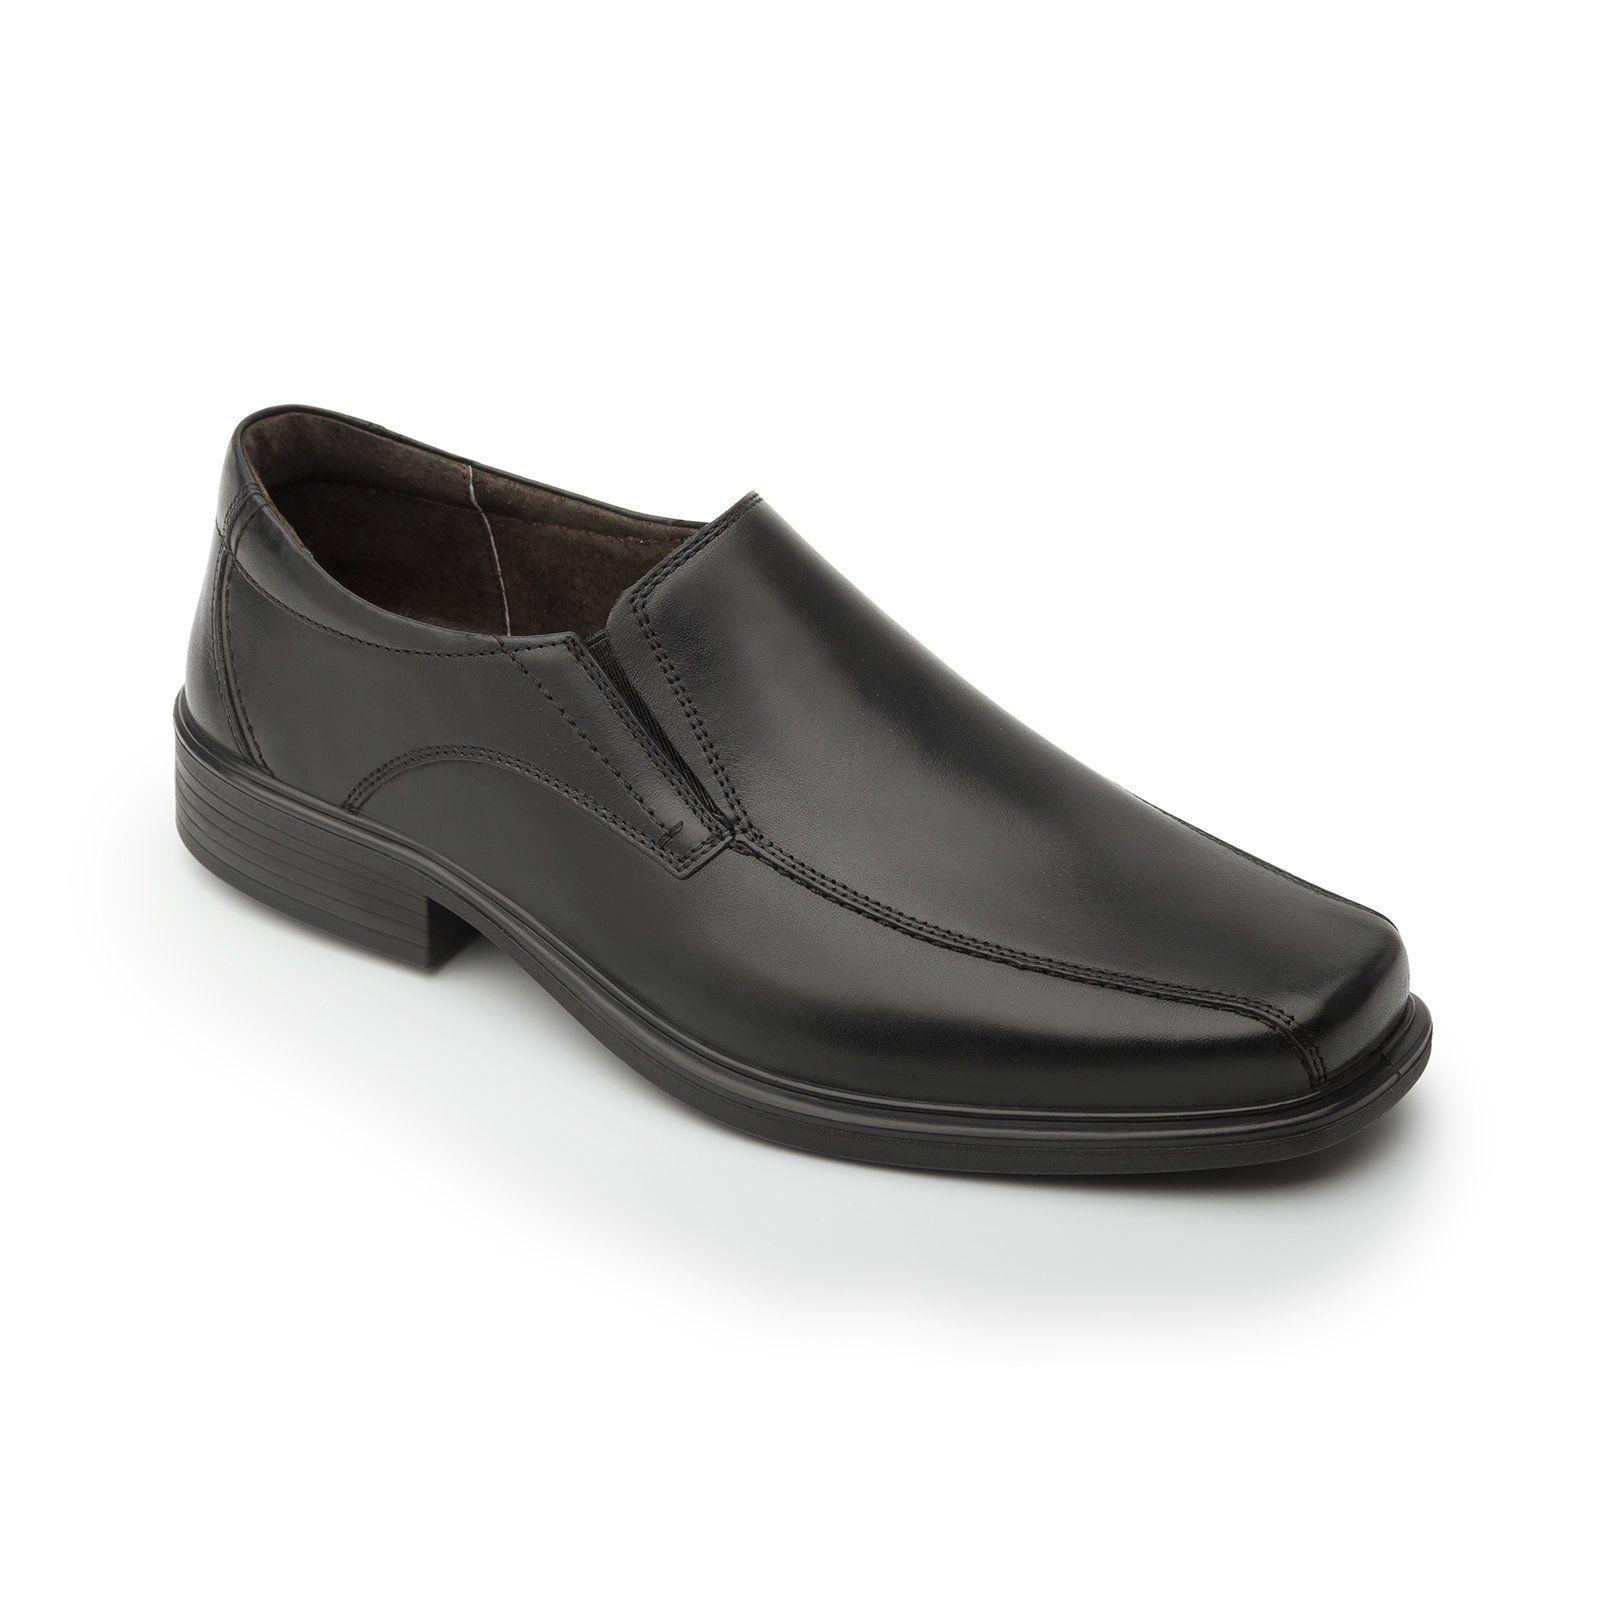 Offre Spéciale - Chaussures À Lacets En Cuir Noir Dos À L'homme Noir, Couleur Noir, Taille 42.5